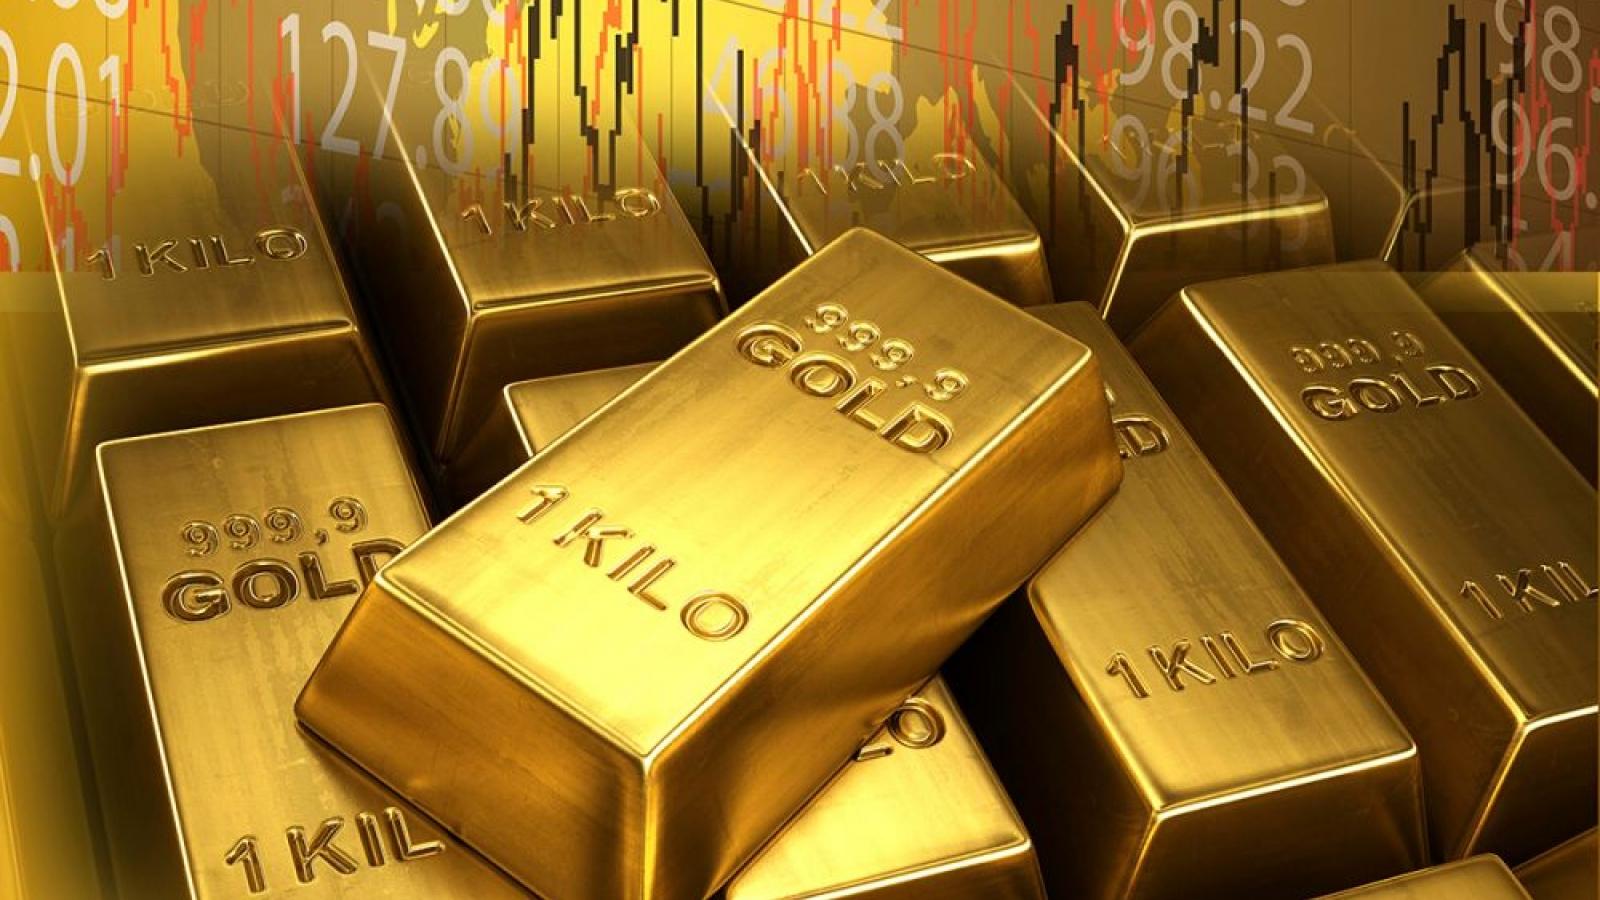 Giá bán vàng SJC cao hơn vàng thế giới trên 9 triệu đồng/lượng